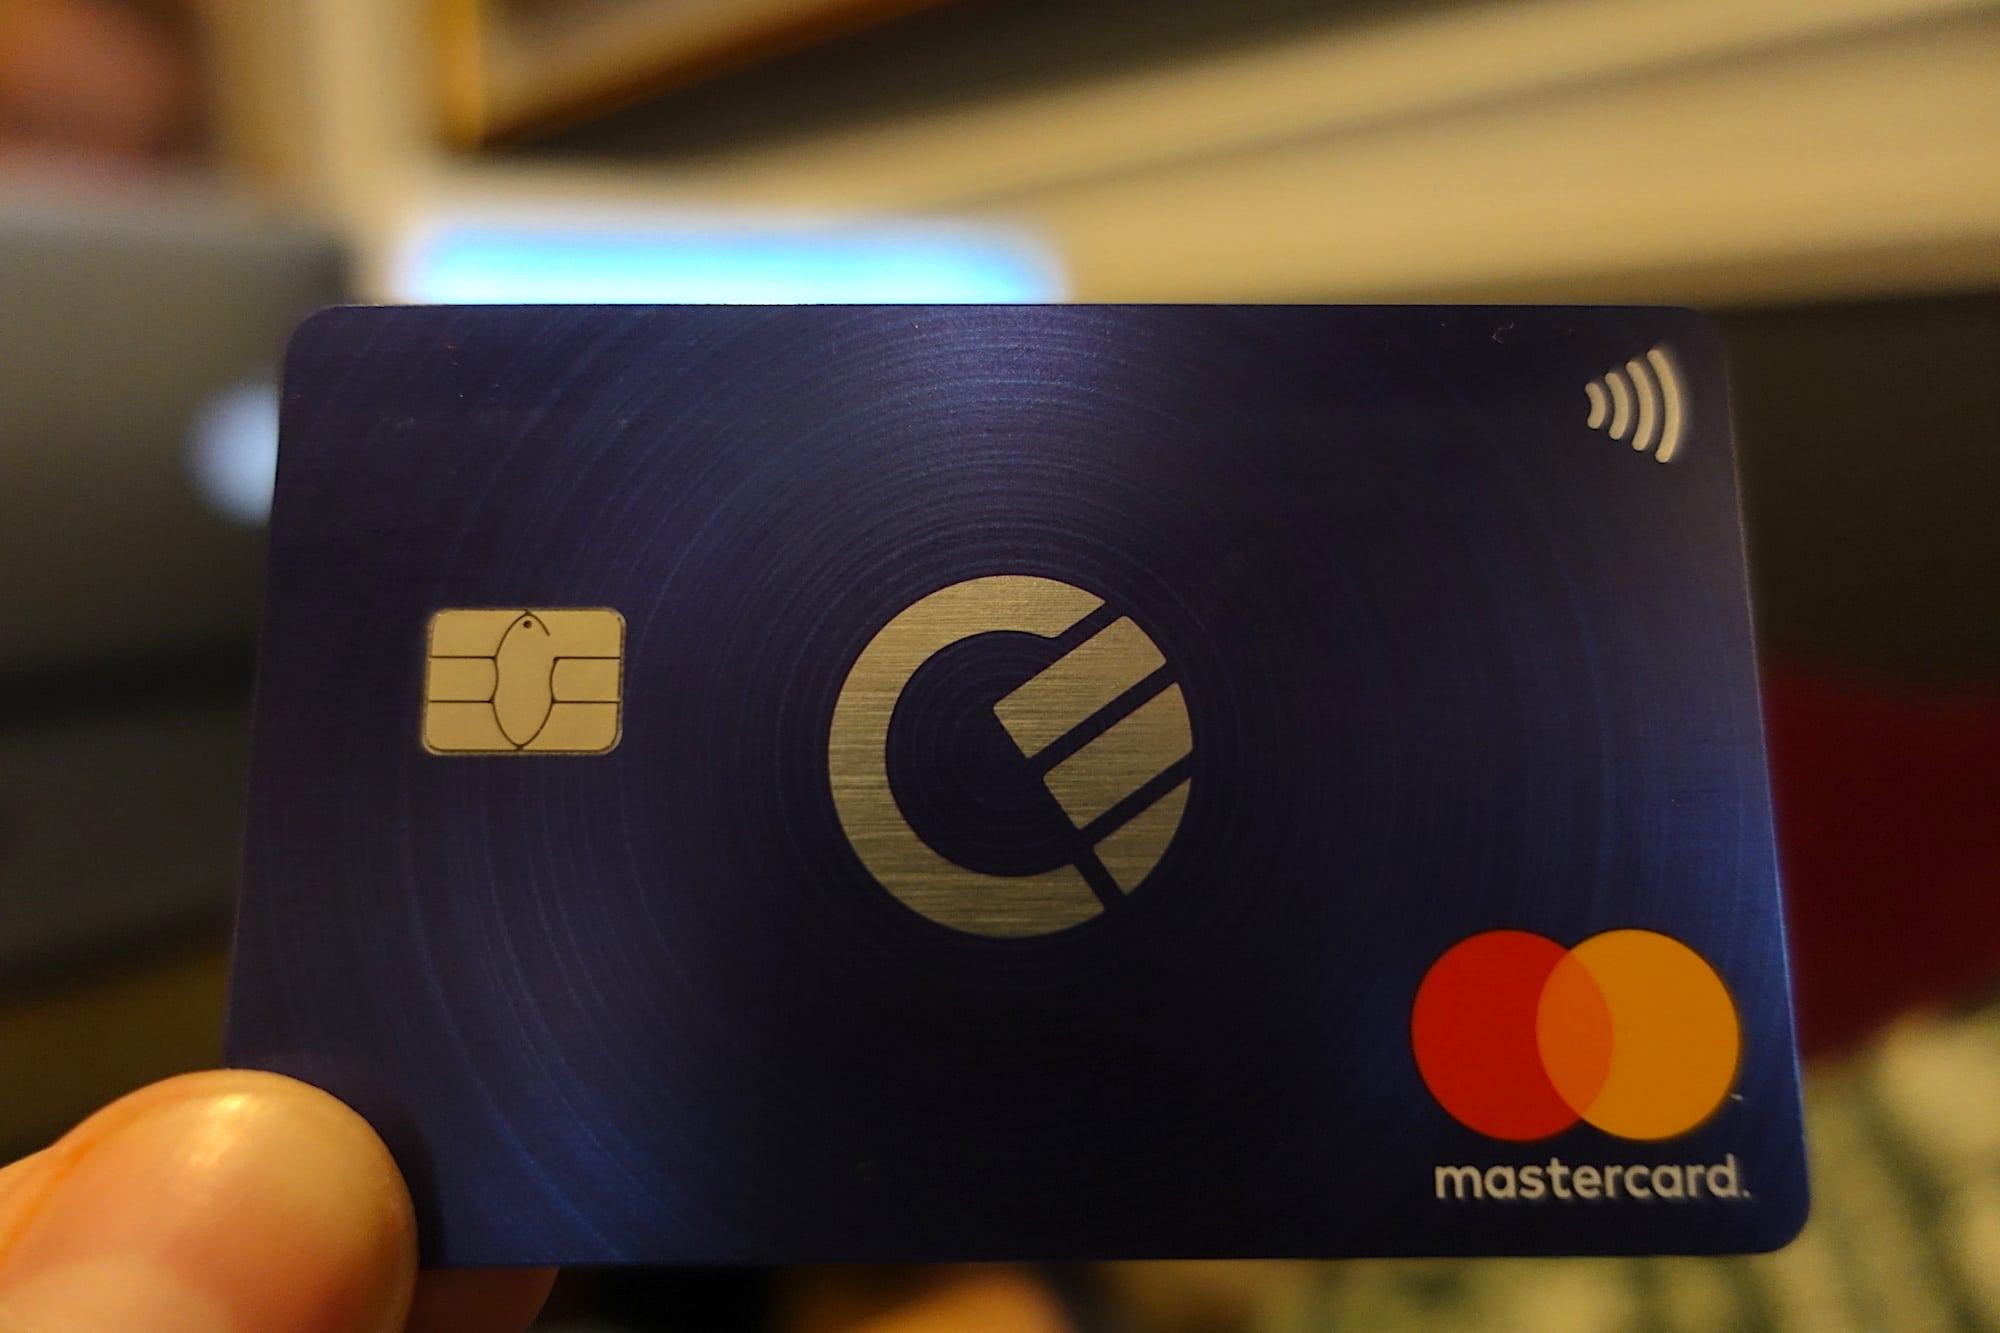 Mit Der Curve Alle Kreditkarten In Einer Vereinen – Erfahrungen & Test